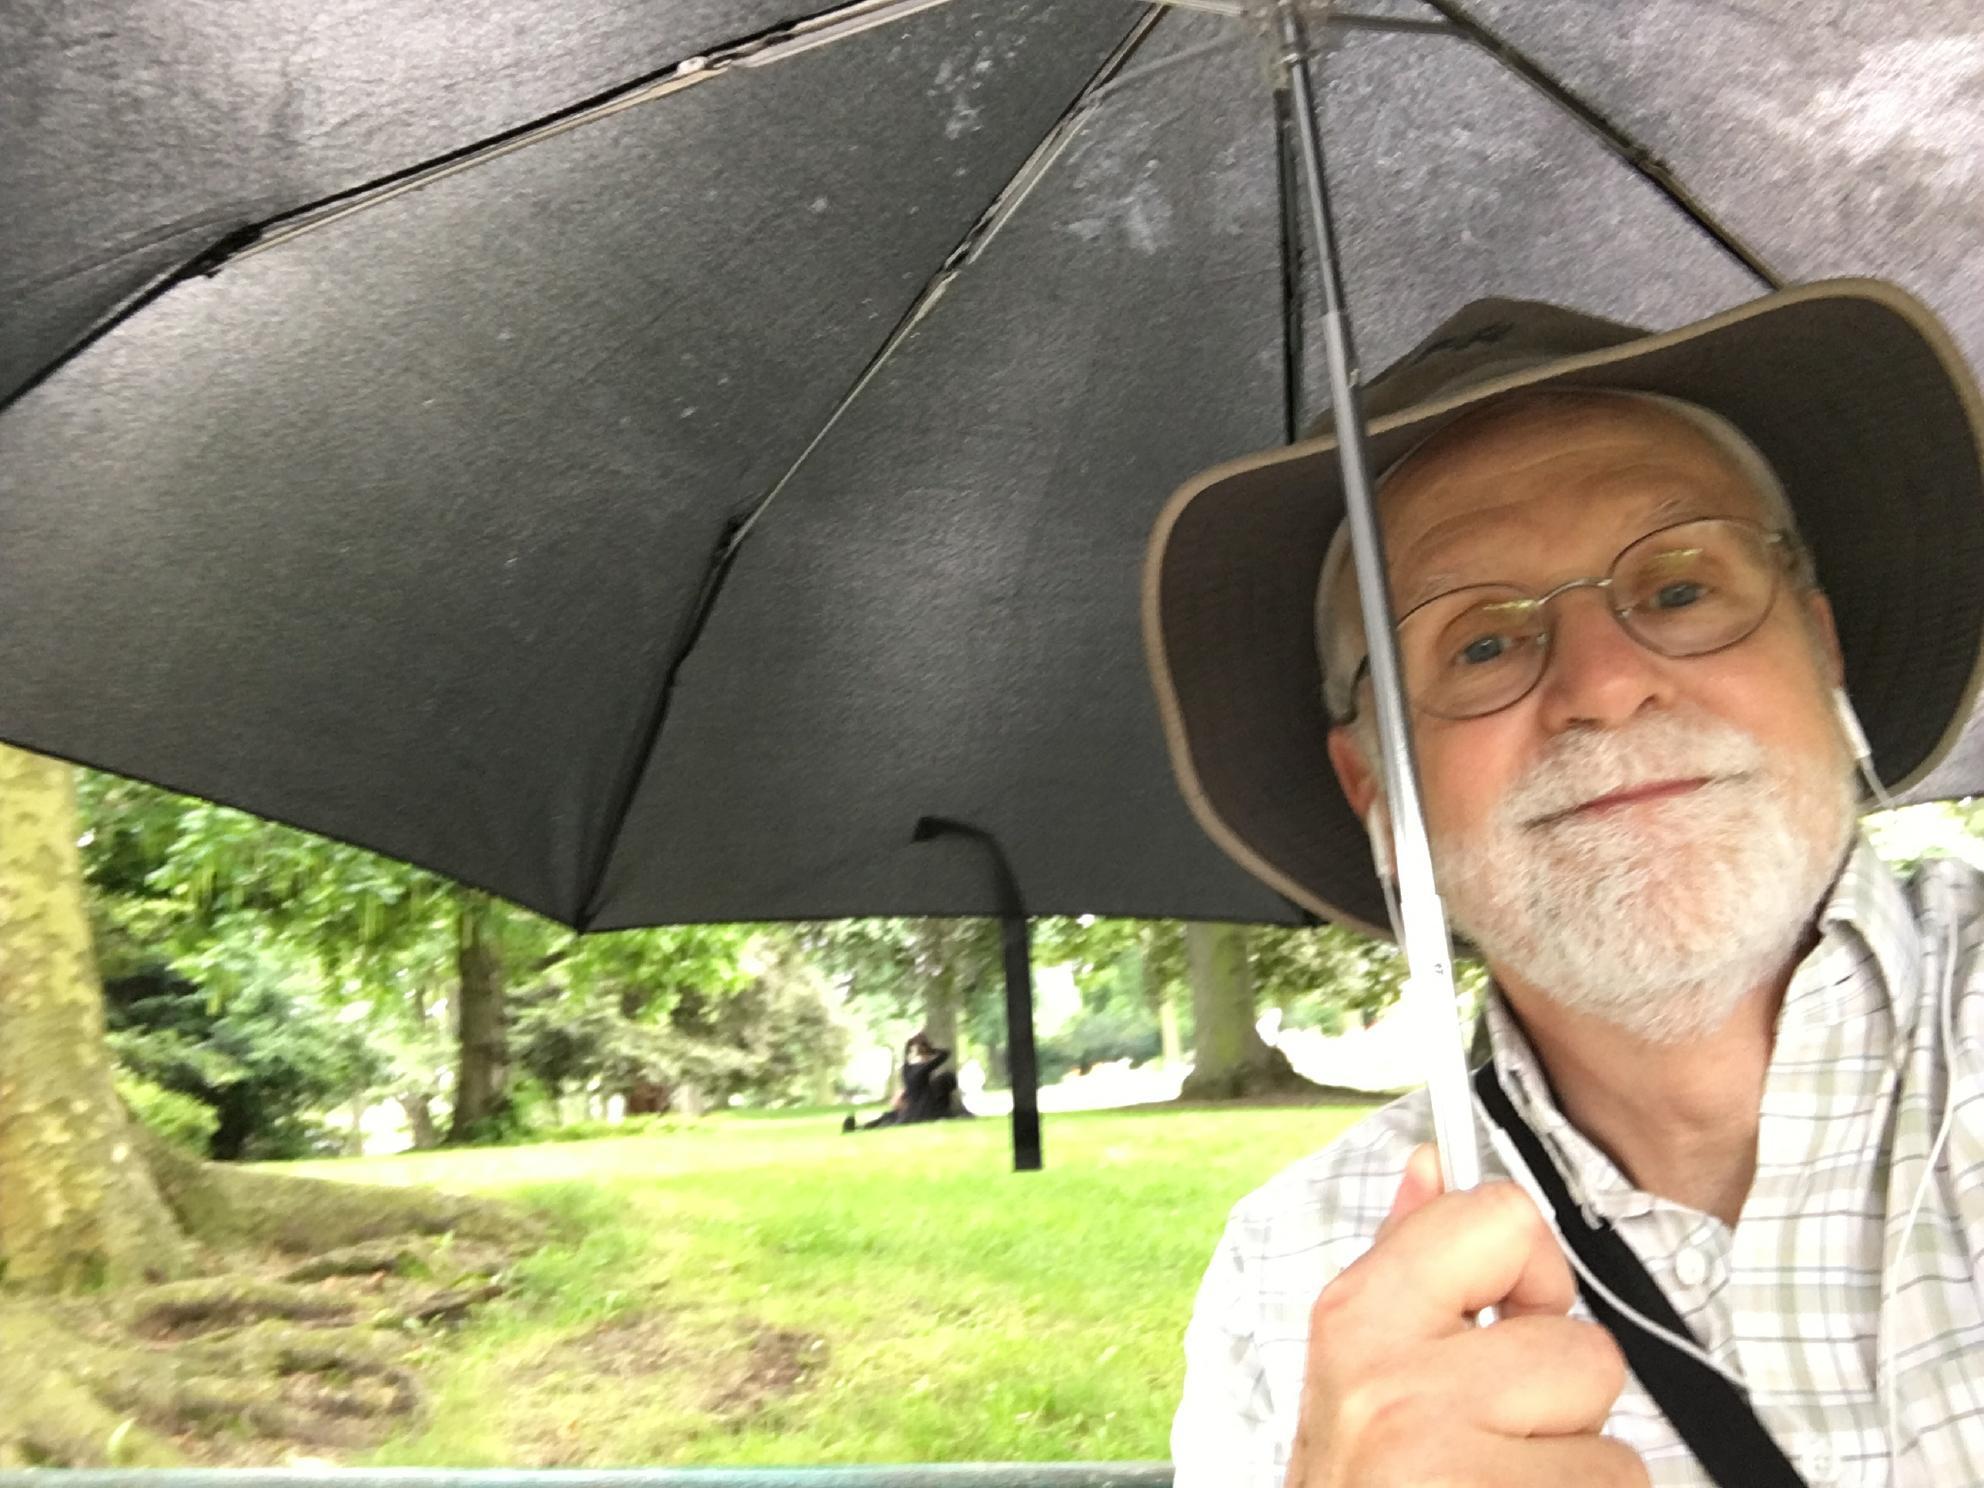 Rainy moment at Parc Montsouris